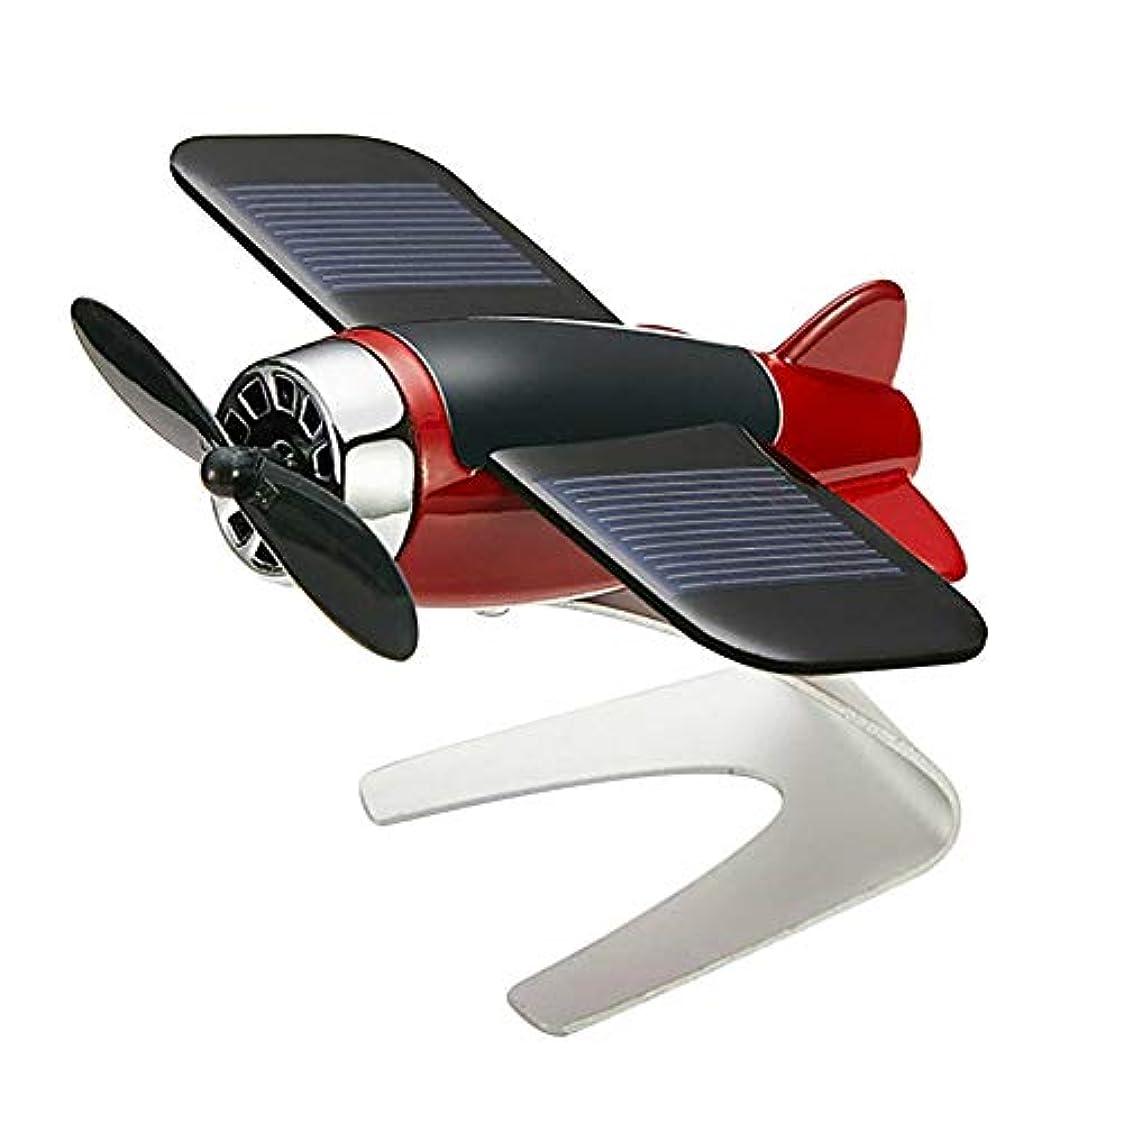 ペンス典型的なブラウザSymboat 車の芳香剤飛行機航空機モデル太陽エネルギーアロマテラピー室内装飾